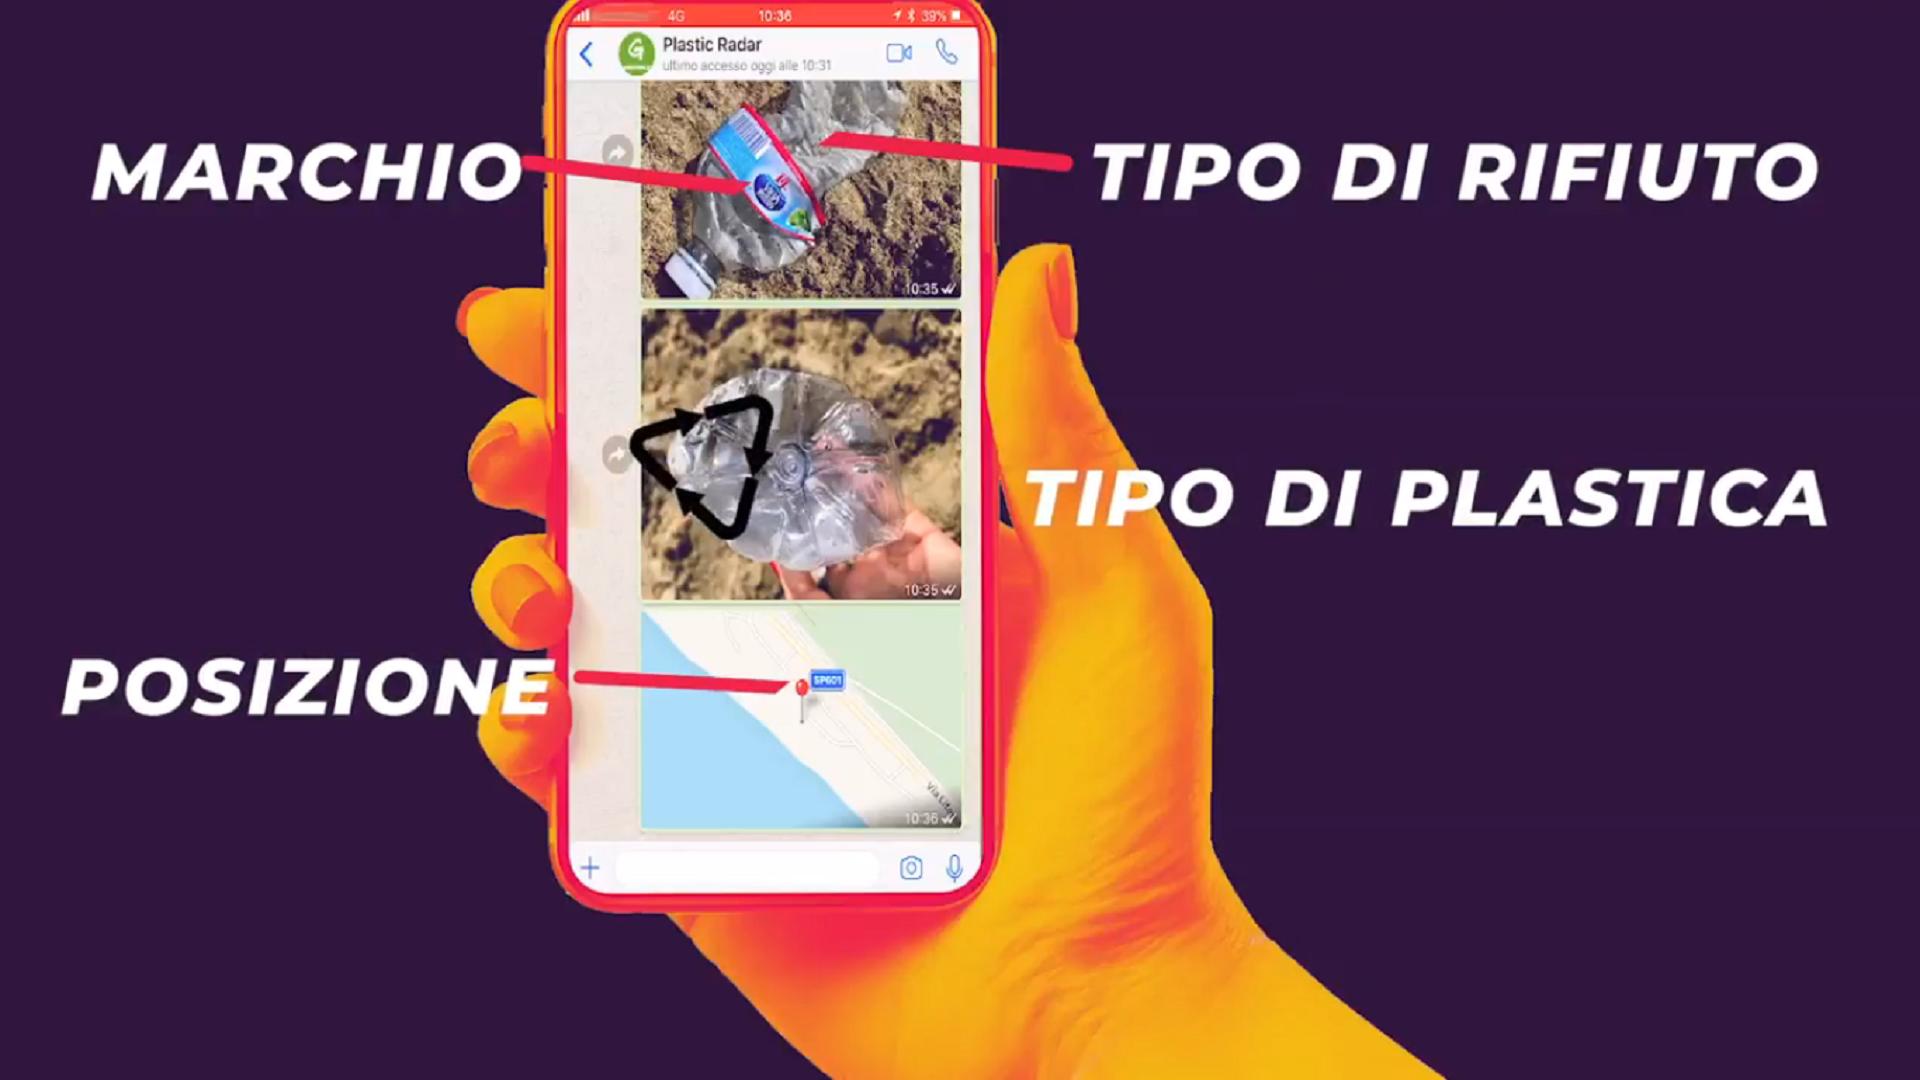 Plastic Radar, per segnalare i rifiuti in mare via Whatsapp